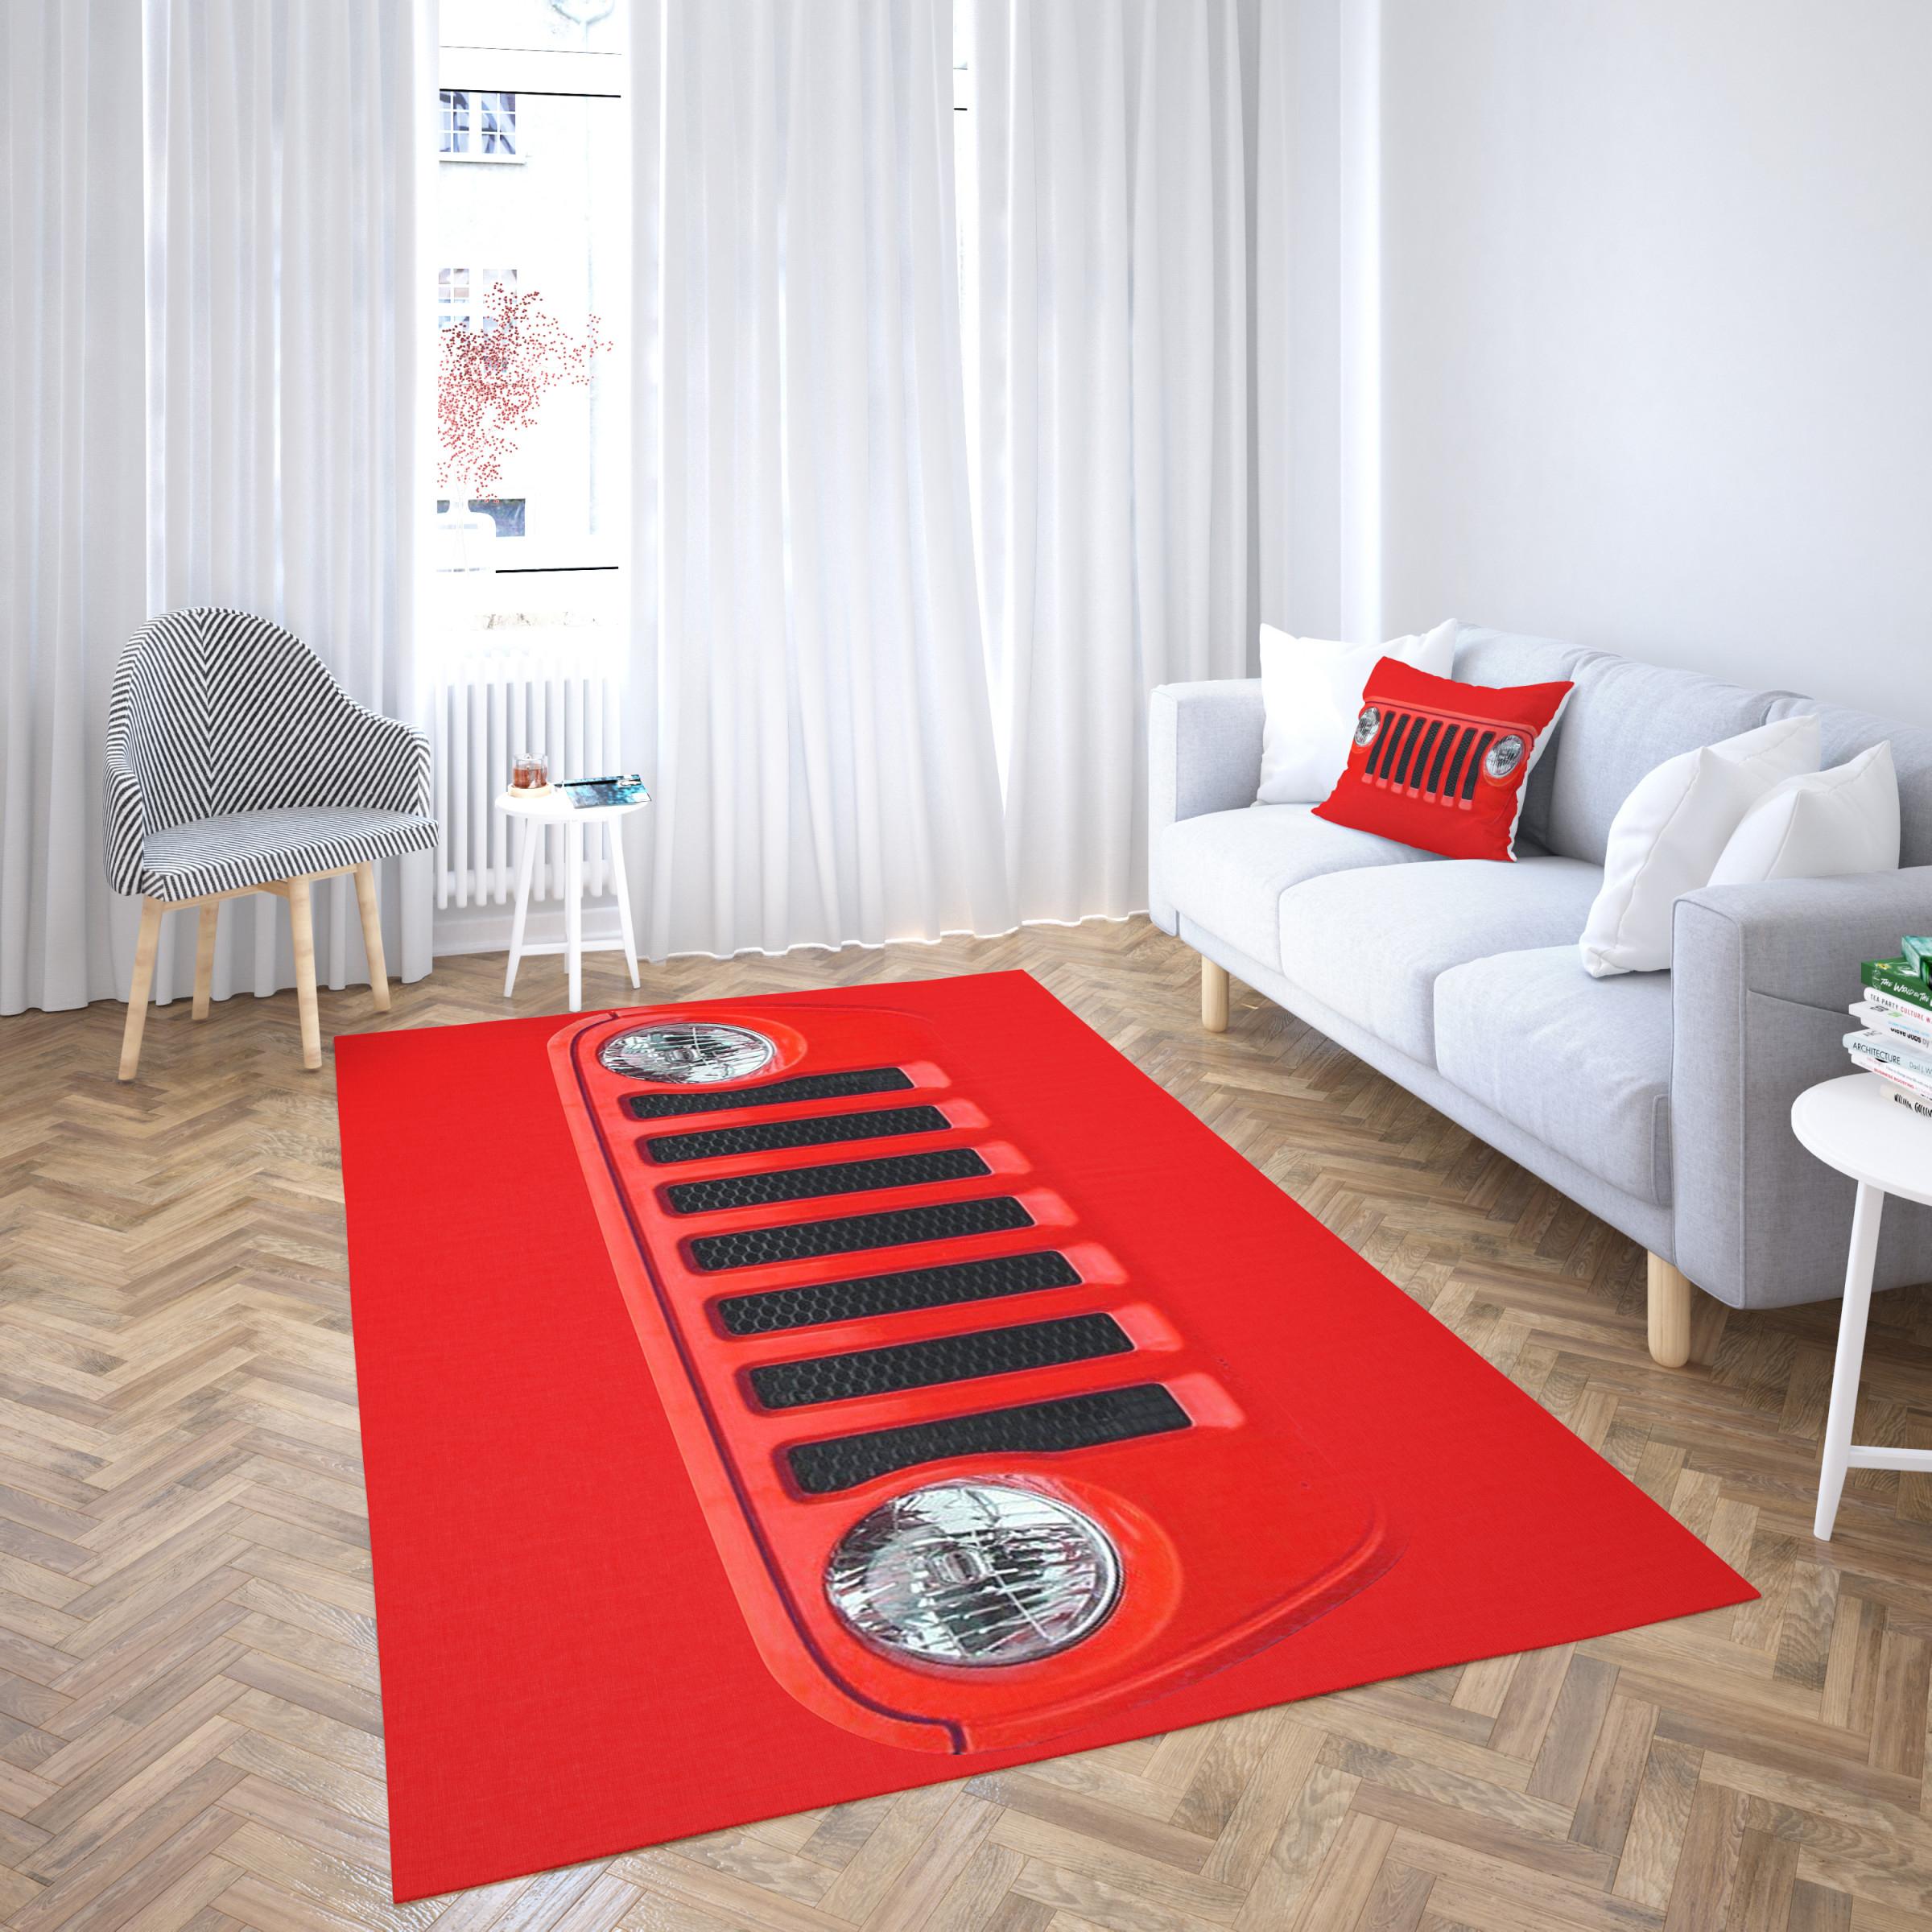 Jeep Roter Vorleger Von Hoher Qualitt Wohnzimmer Teppich von Roter Teppich Wohnzimmer Photo